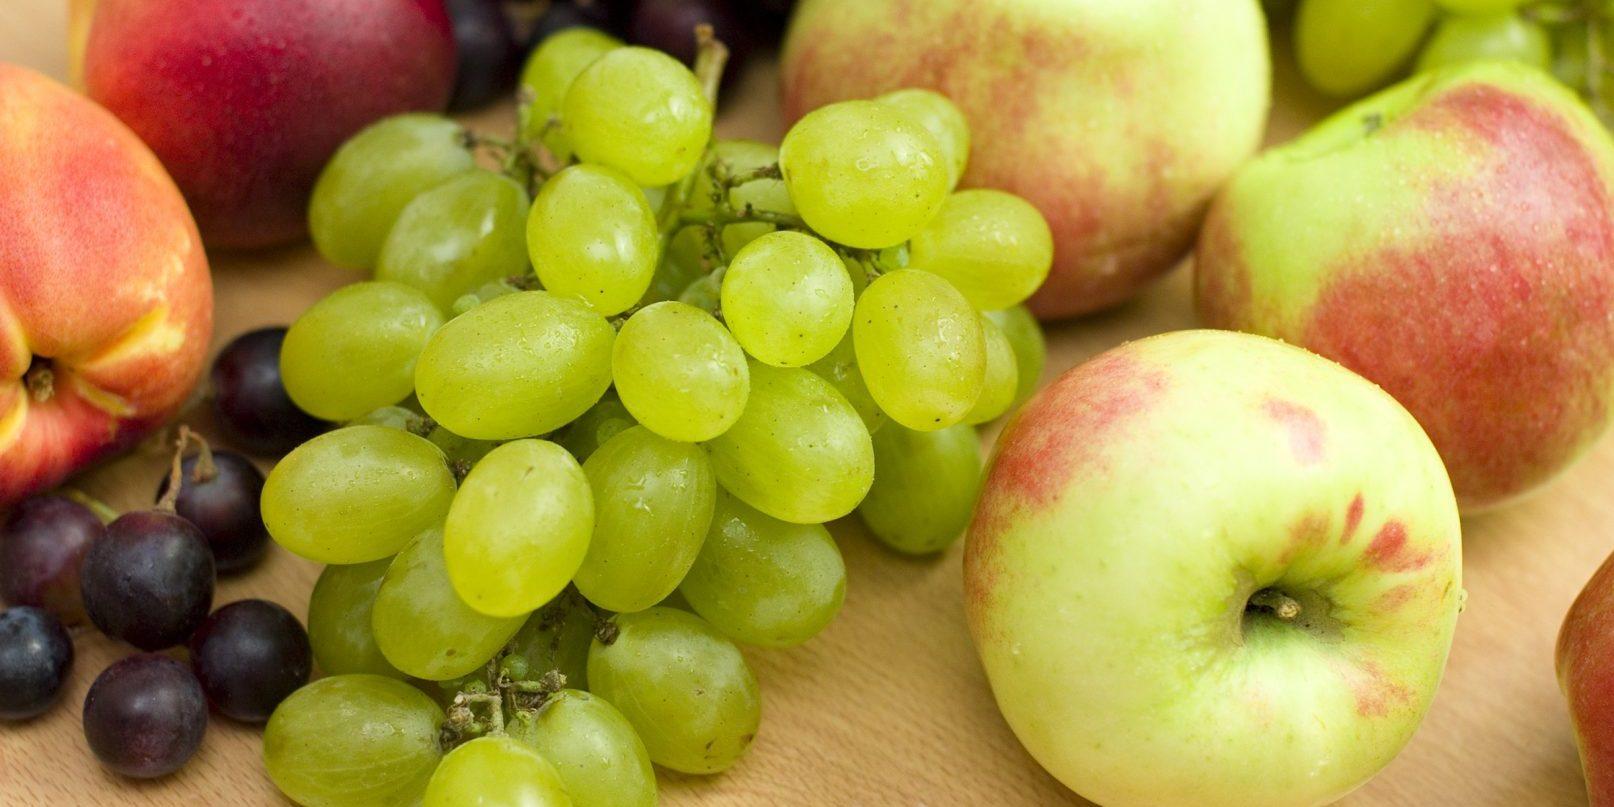 AEA_frukty_009_Fruit